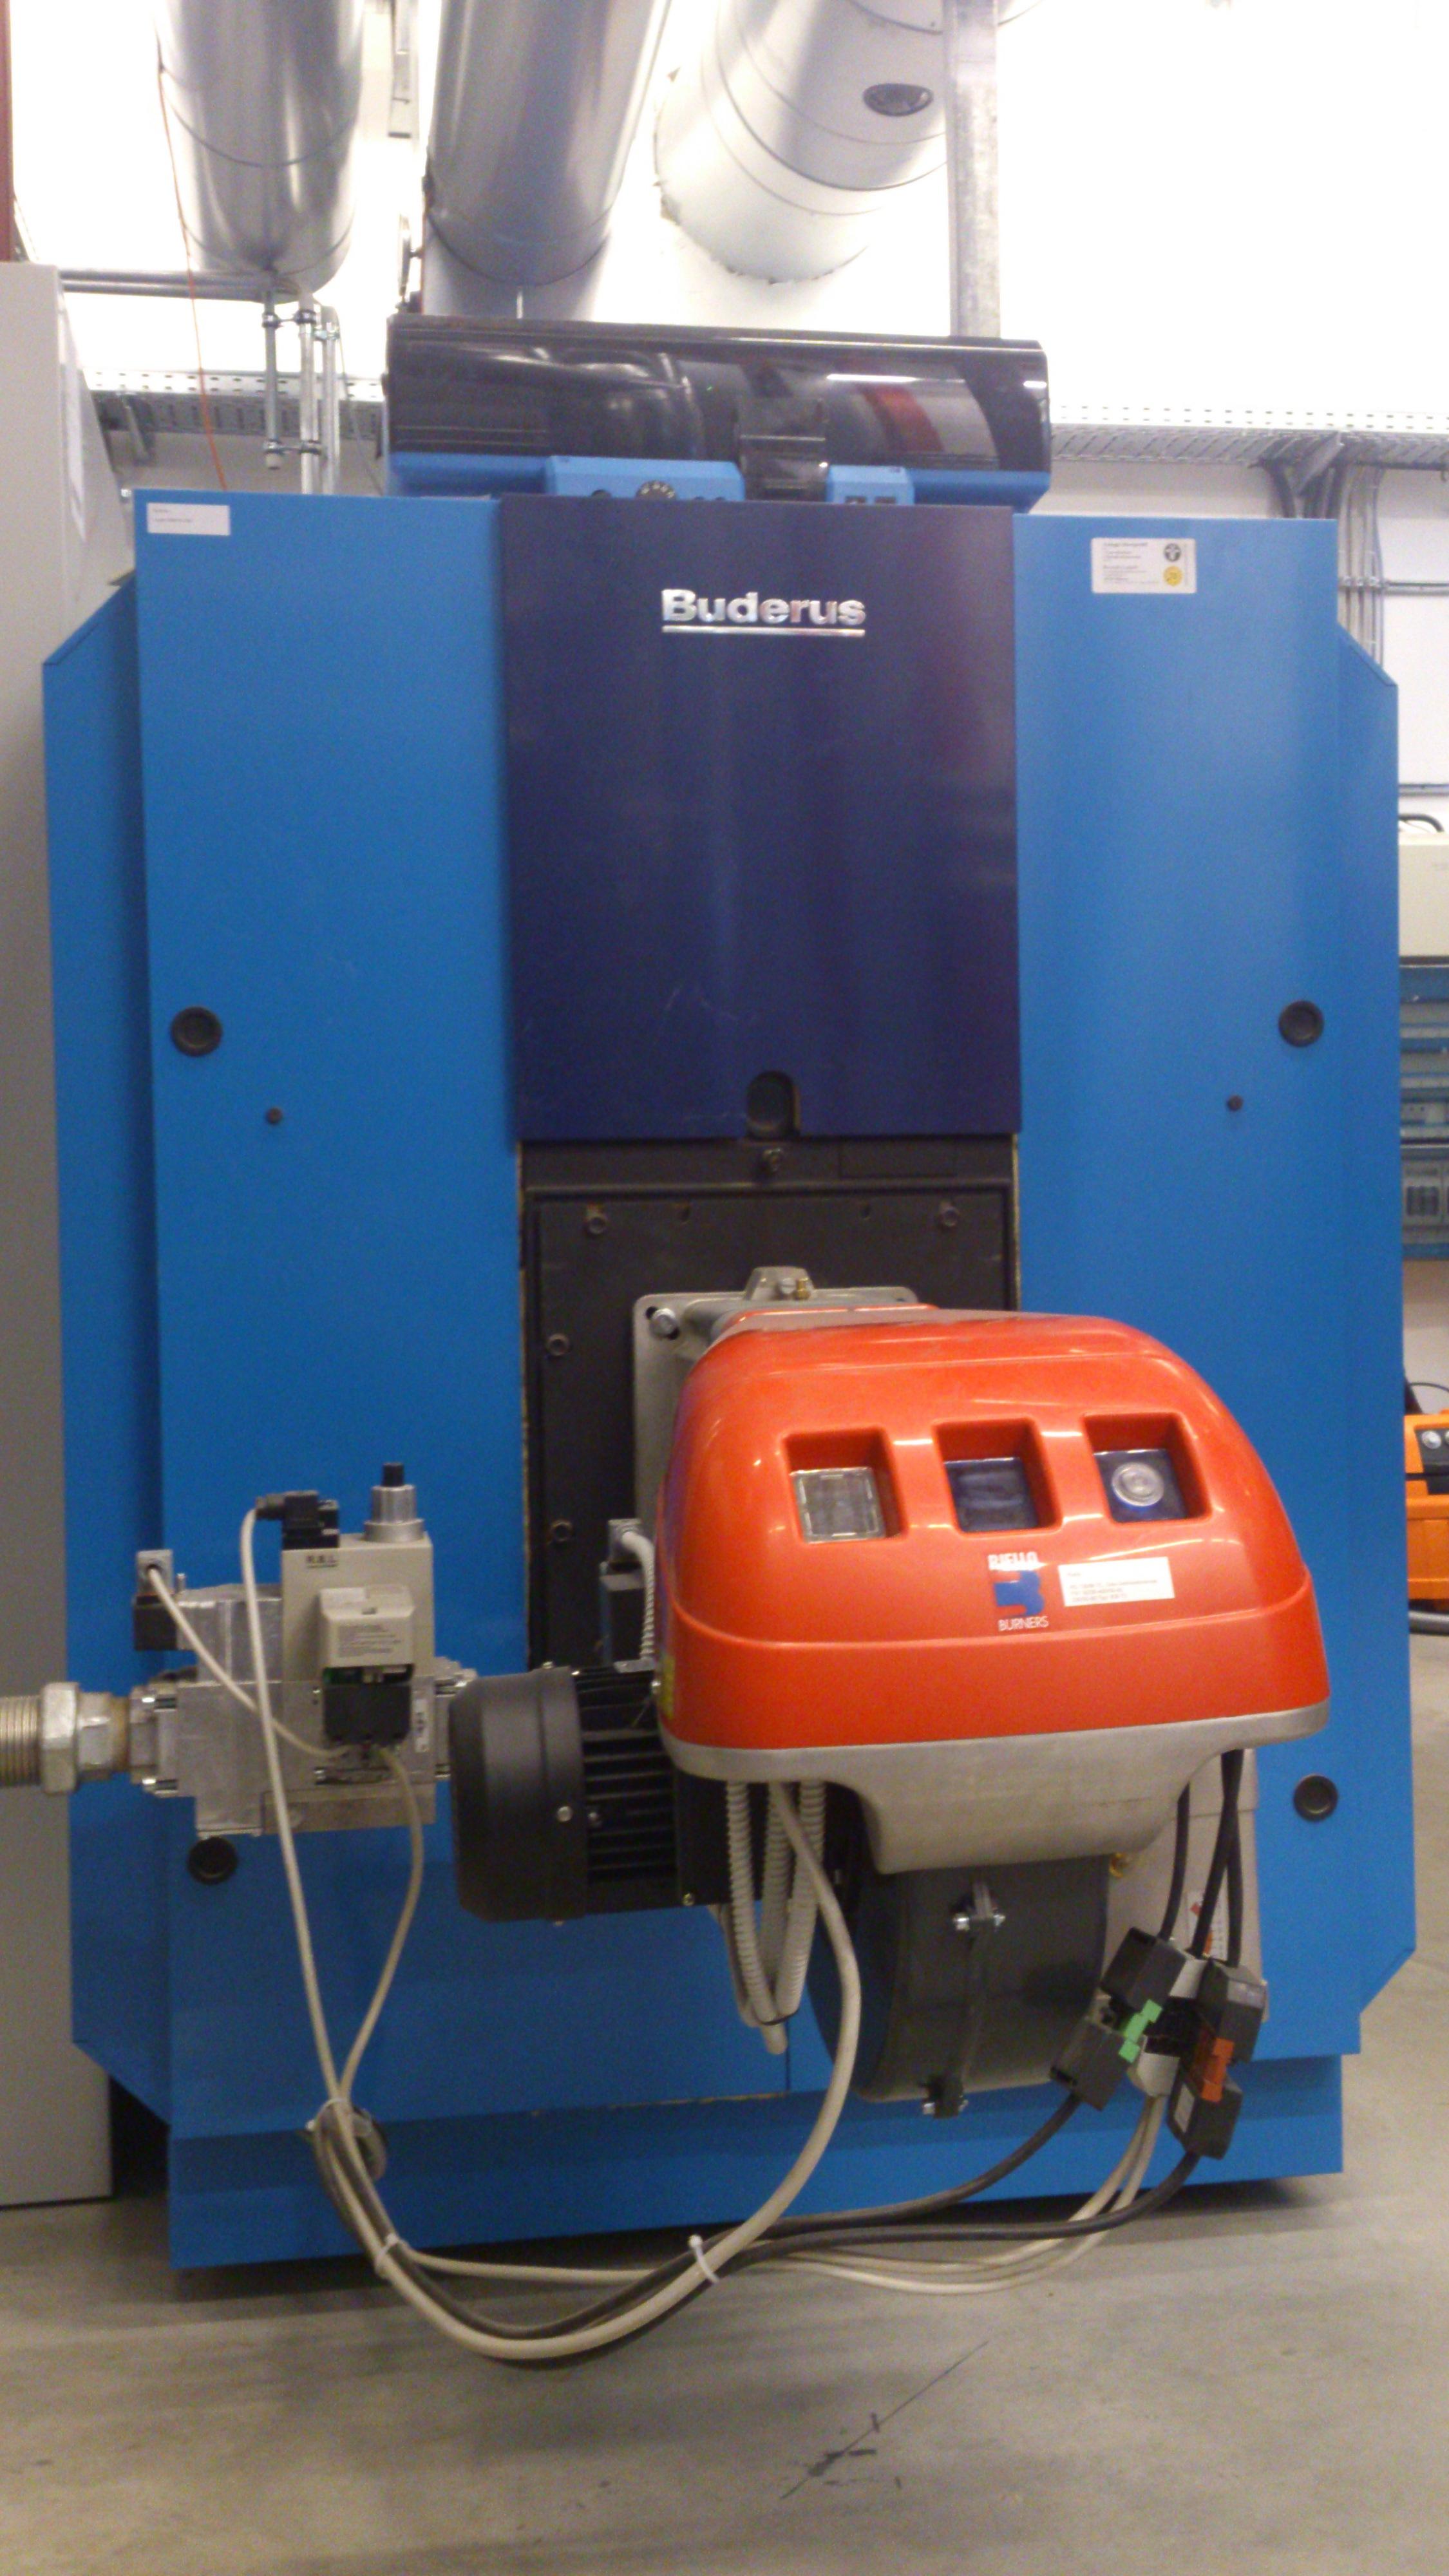 FNR - Biogas: Biomethan